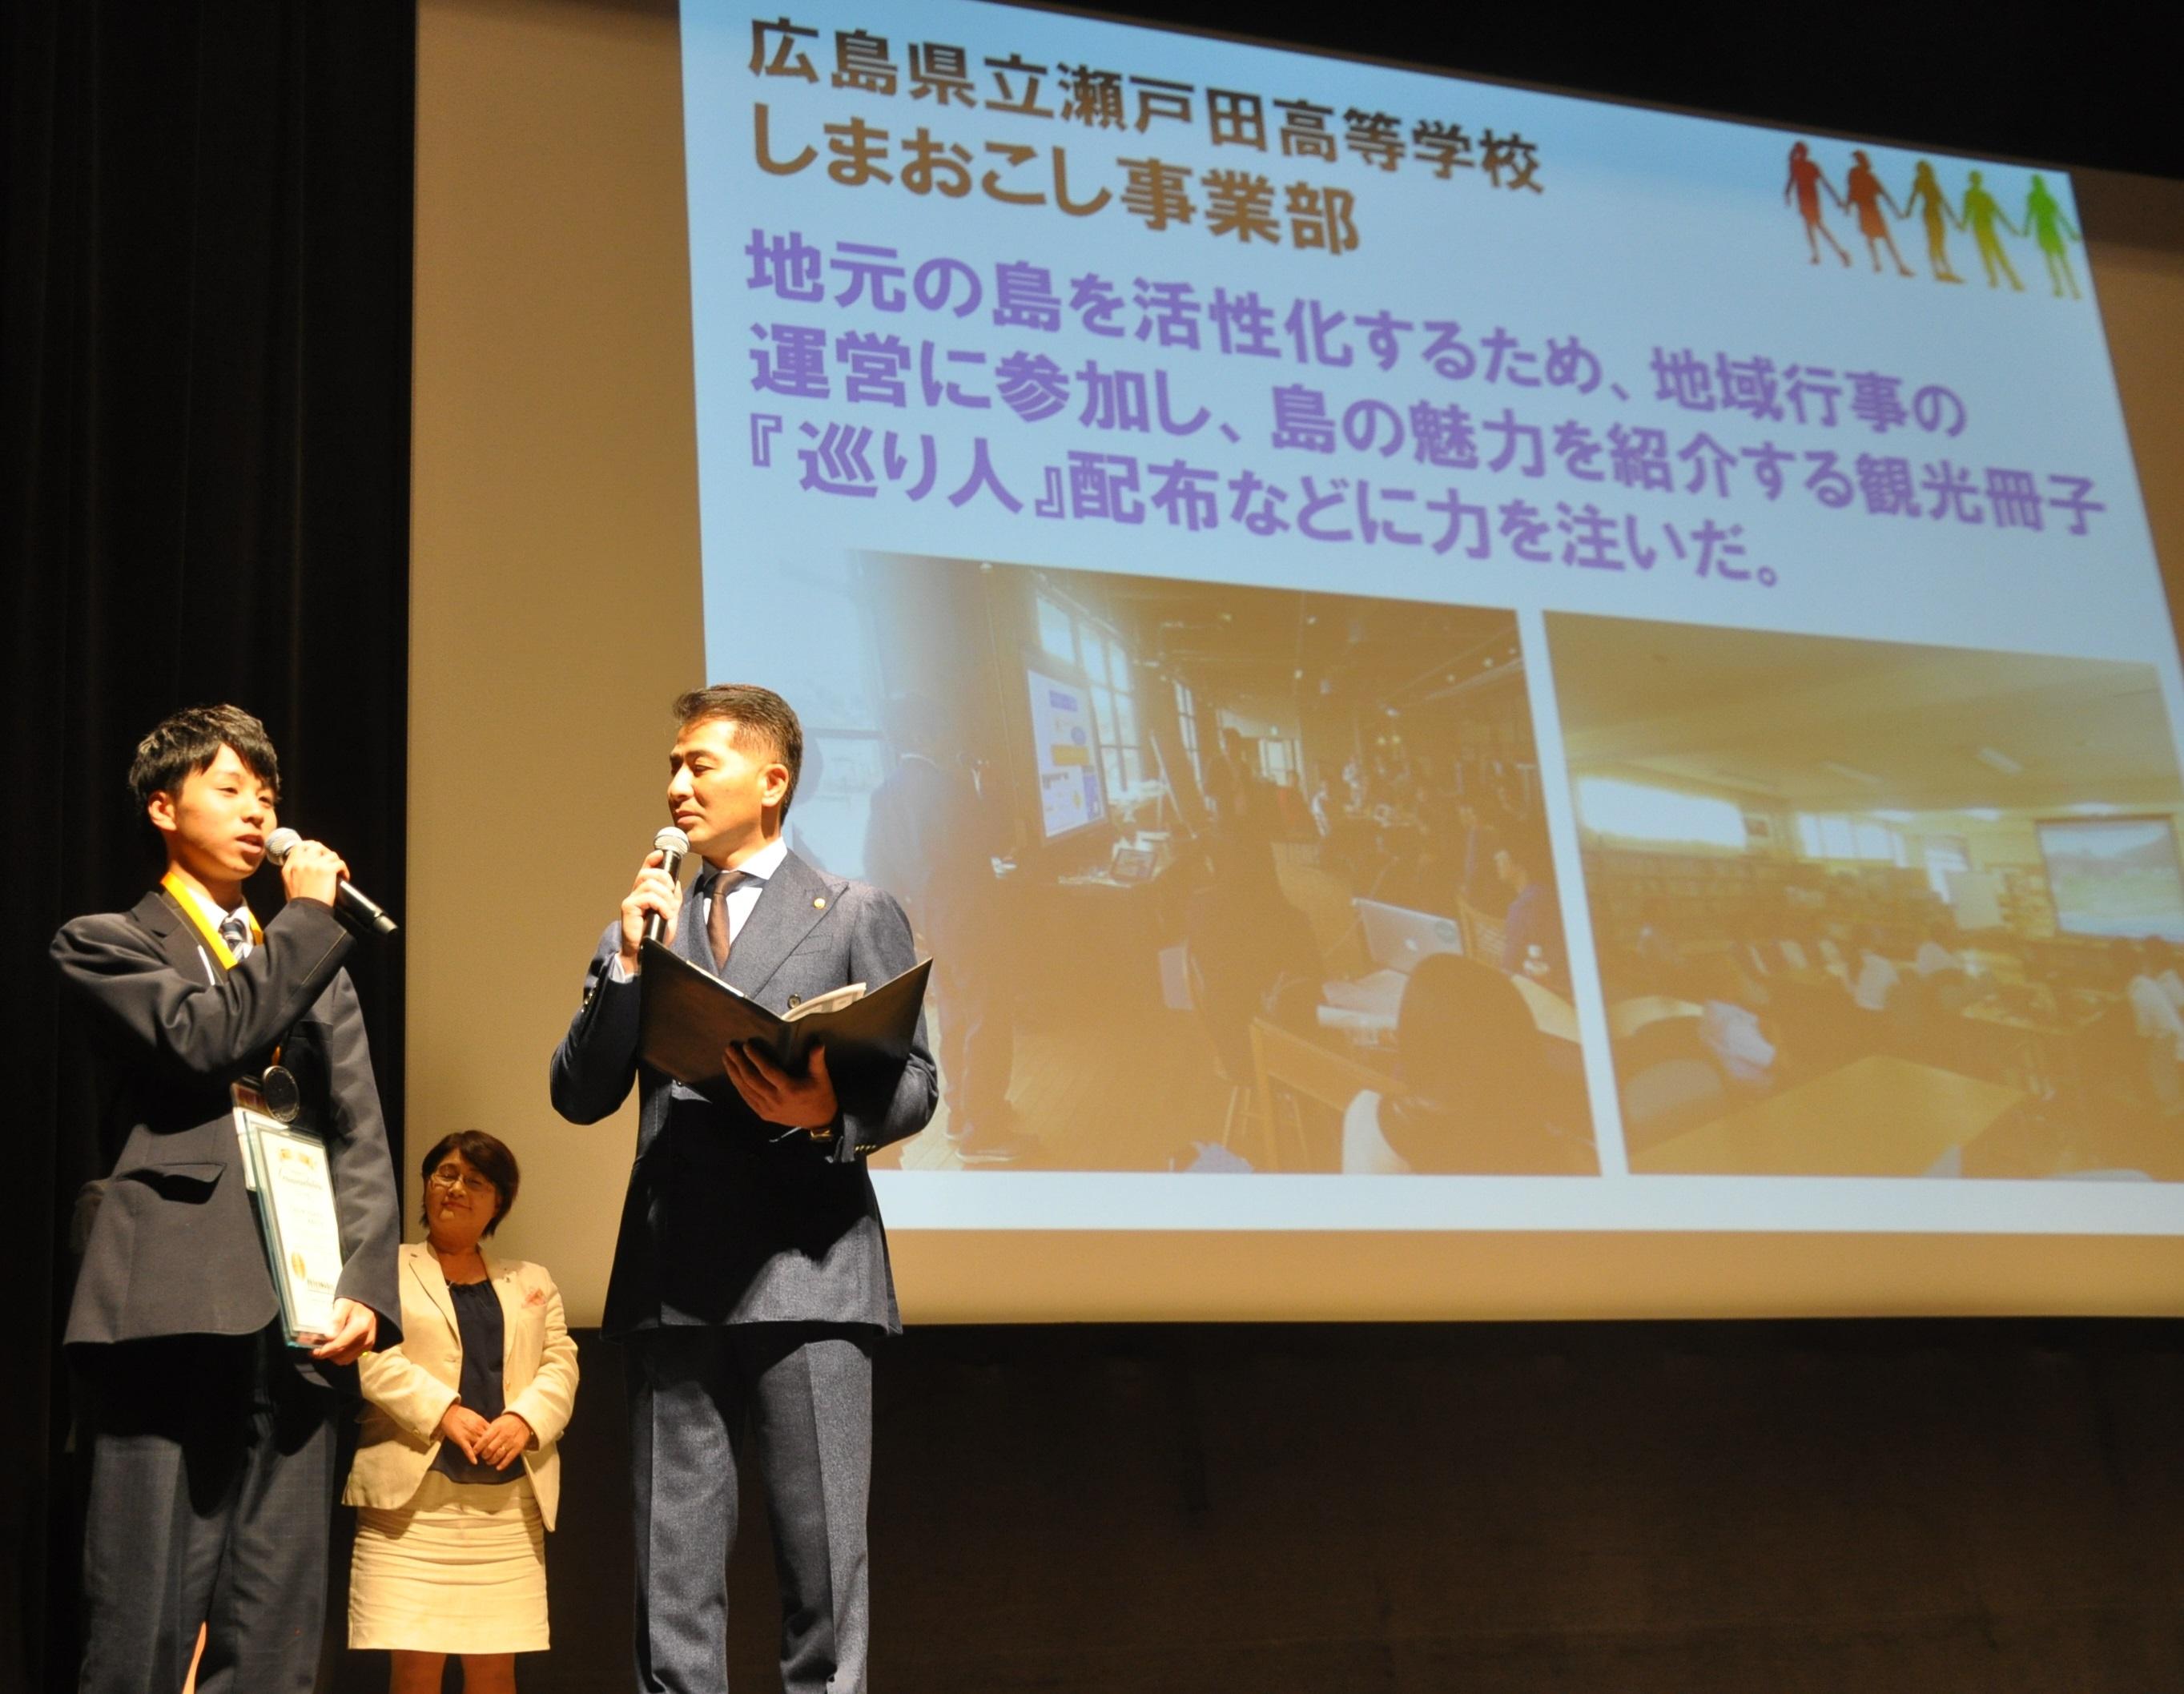 「島に遊びに来てください」と呼び掛ける、広島県立瀬戸田高しまおこし事業部の男性(左)。